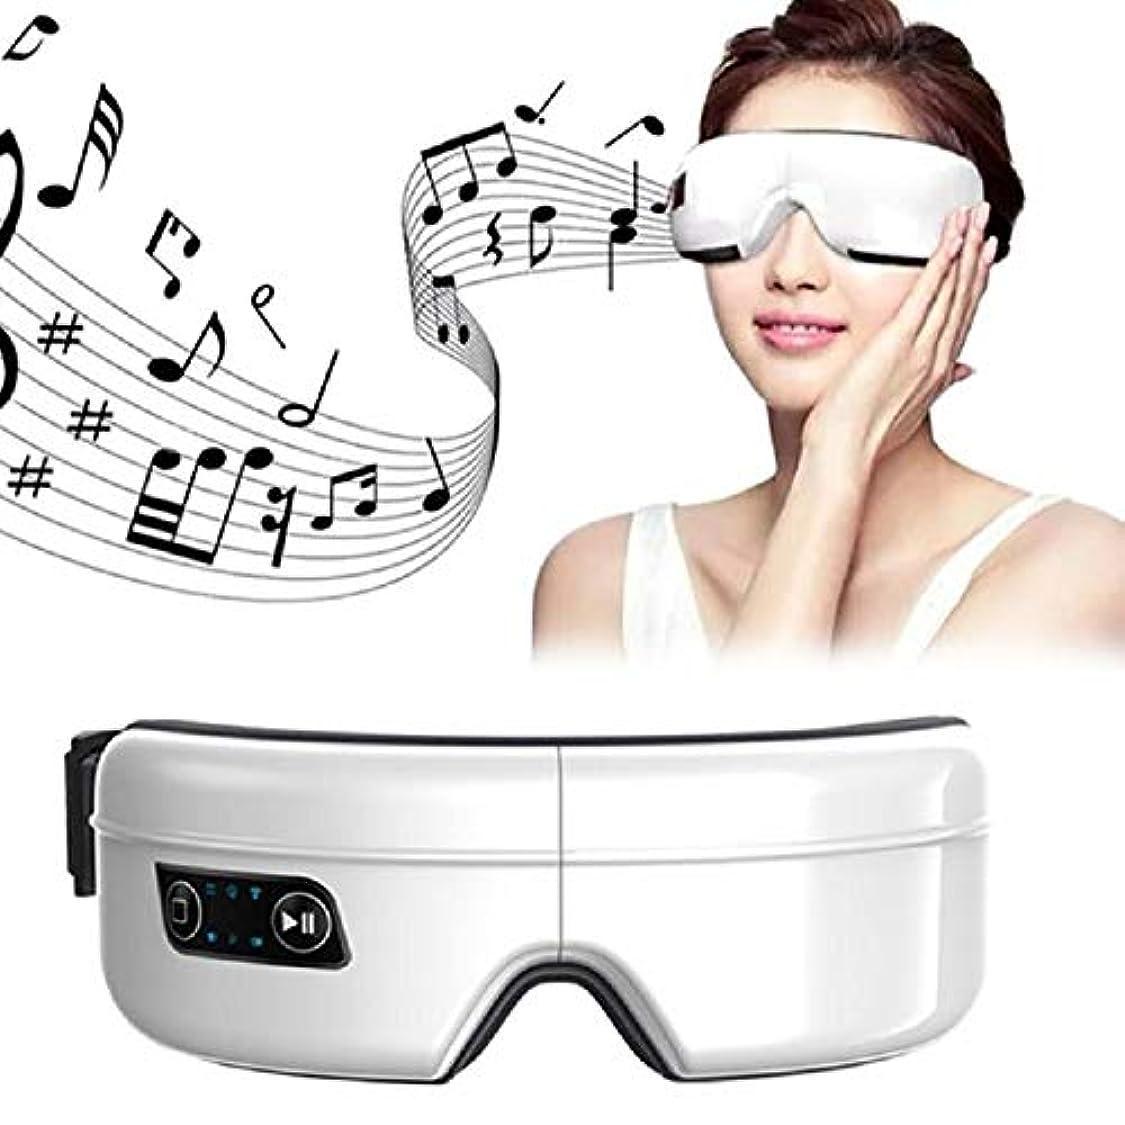 セメント現象ひそかにRuzzy 高度な電気ワイヤレスアイマッサージSPAの楽器、音楽充電式美容ツール 購入へようこそ